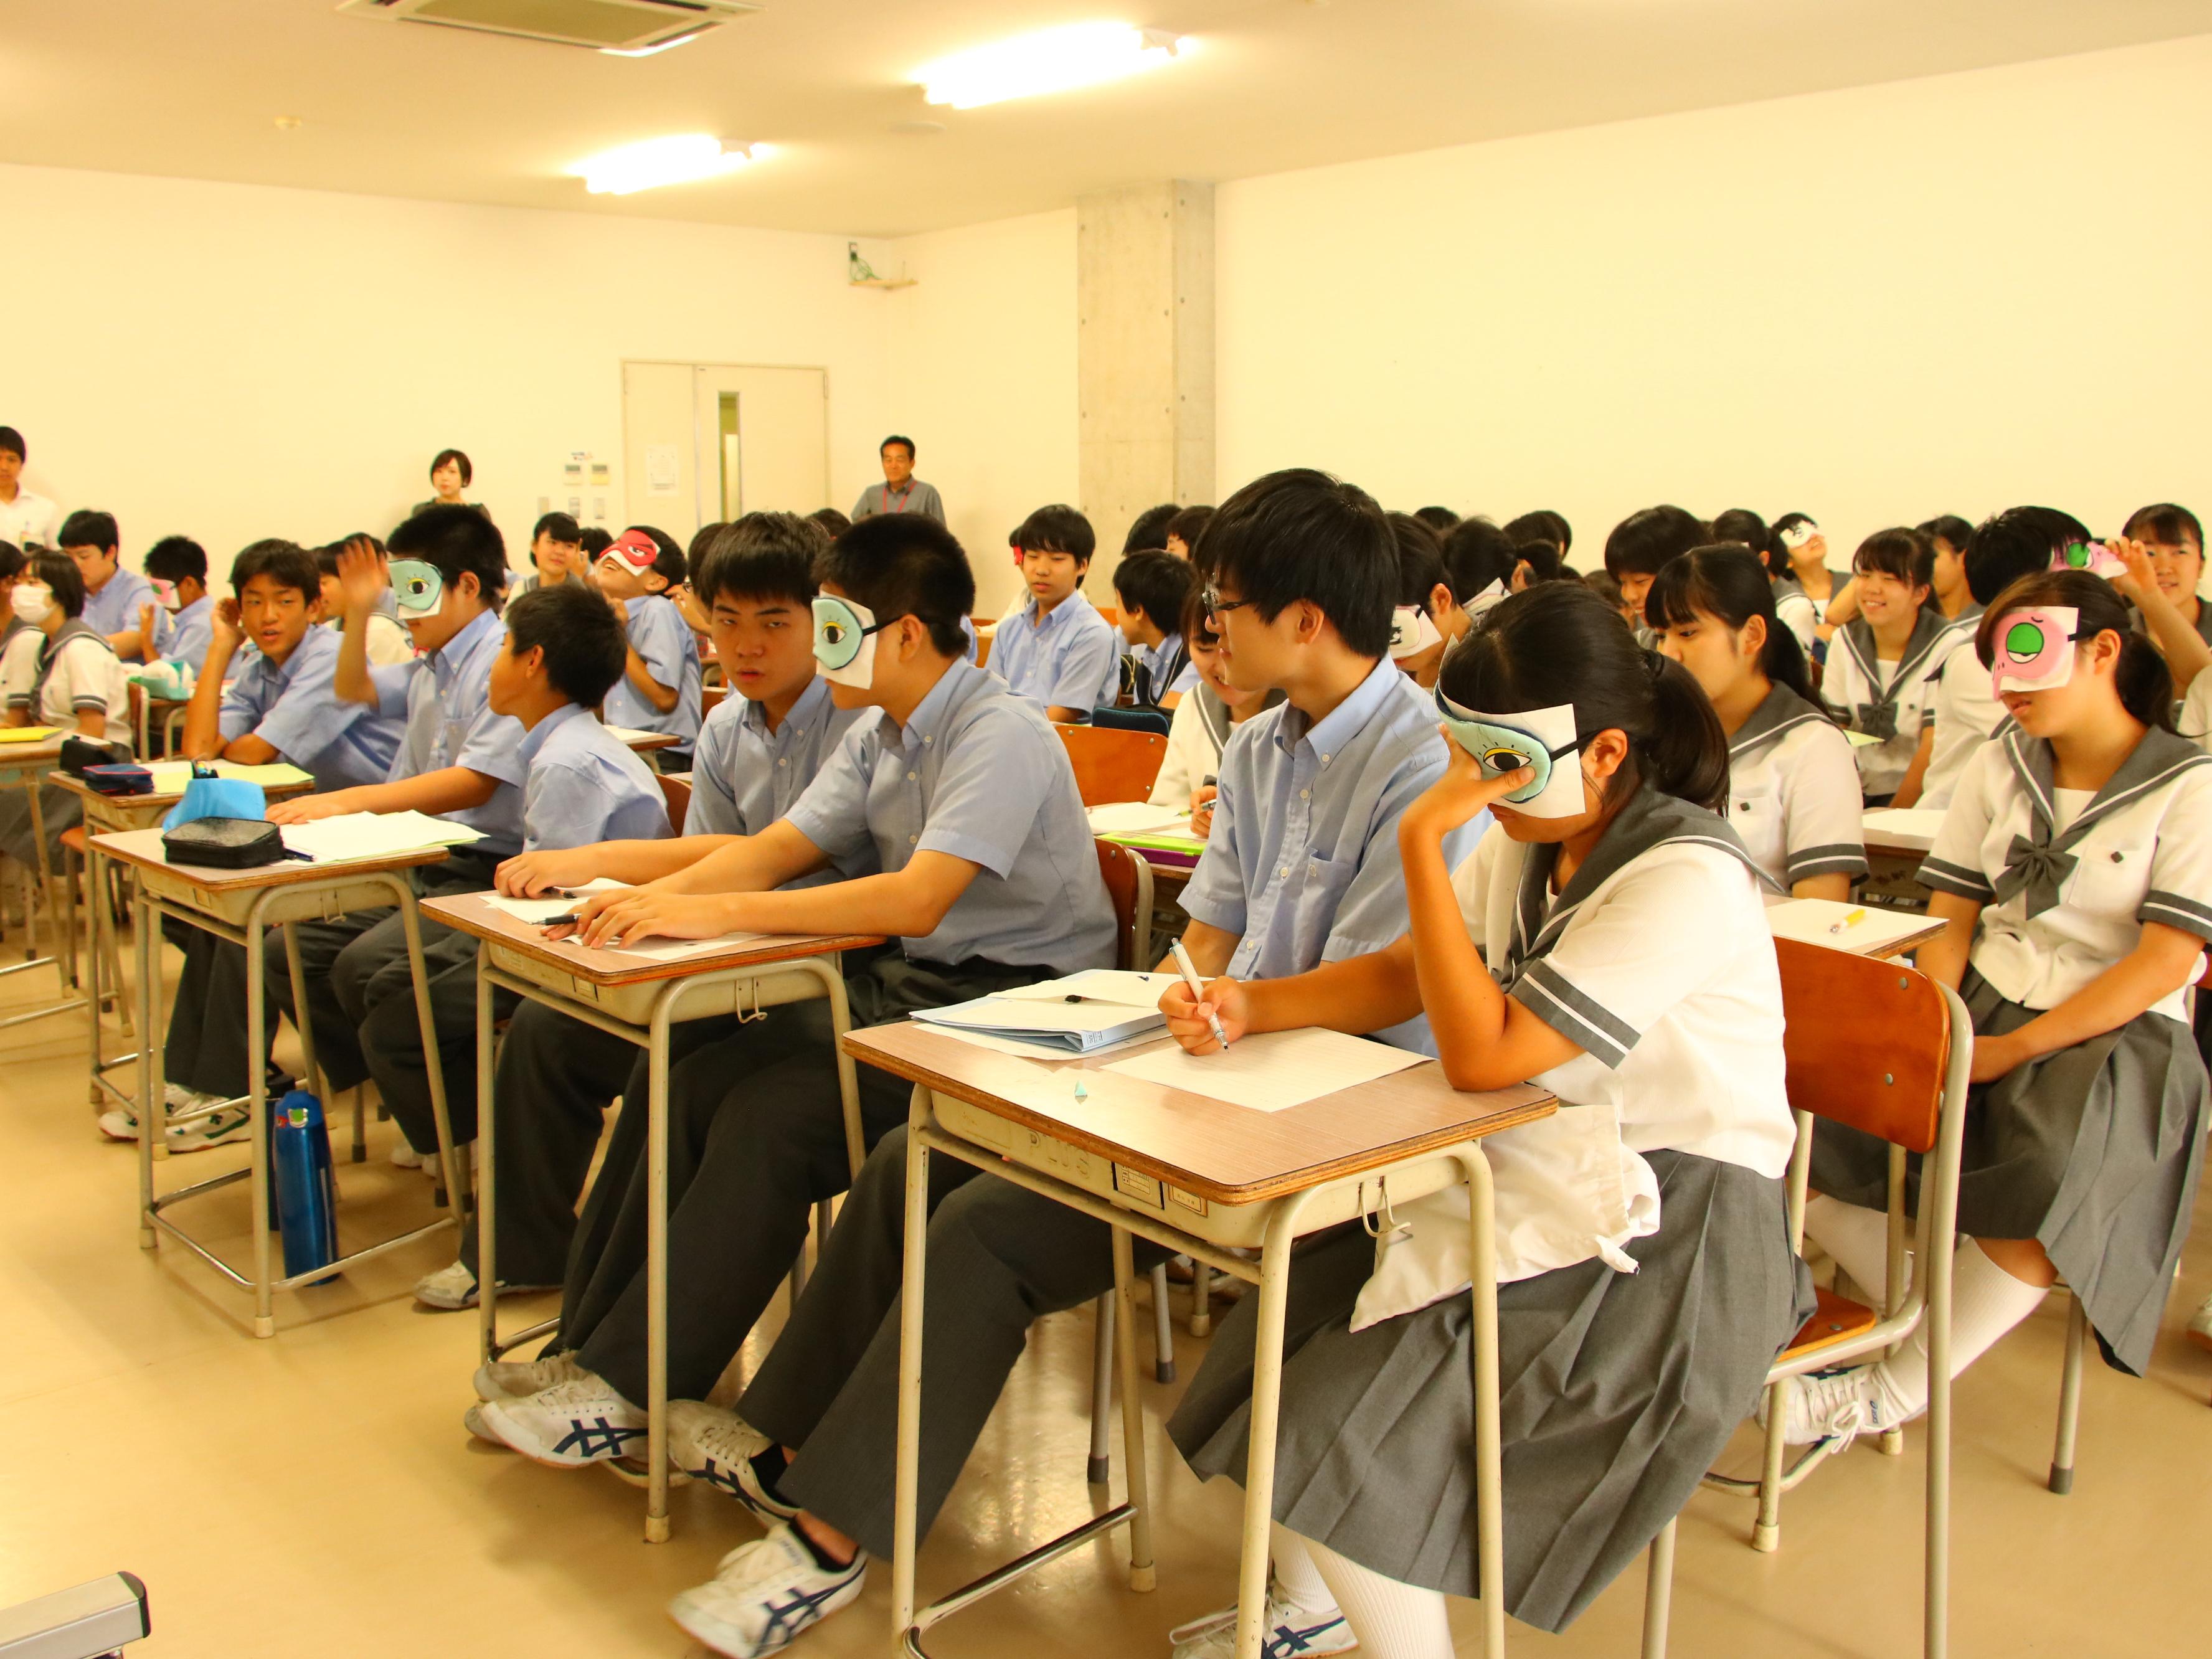 <h4>福祉教育</h4>